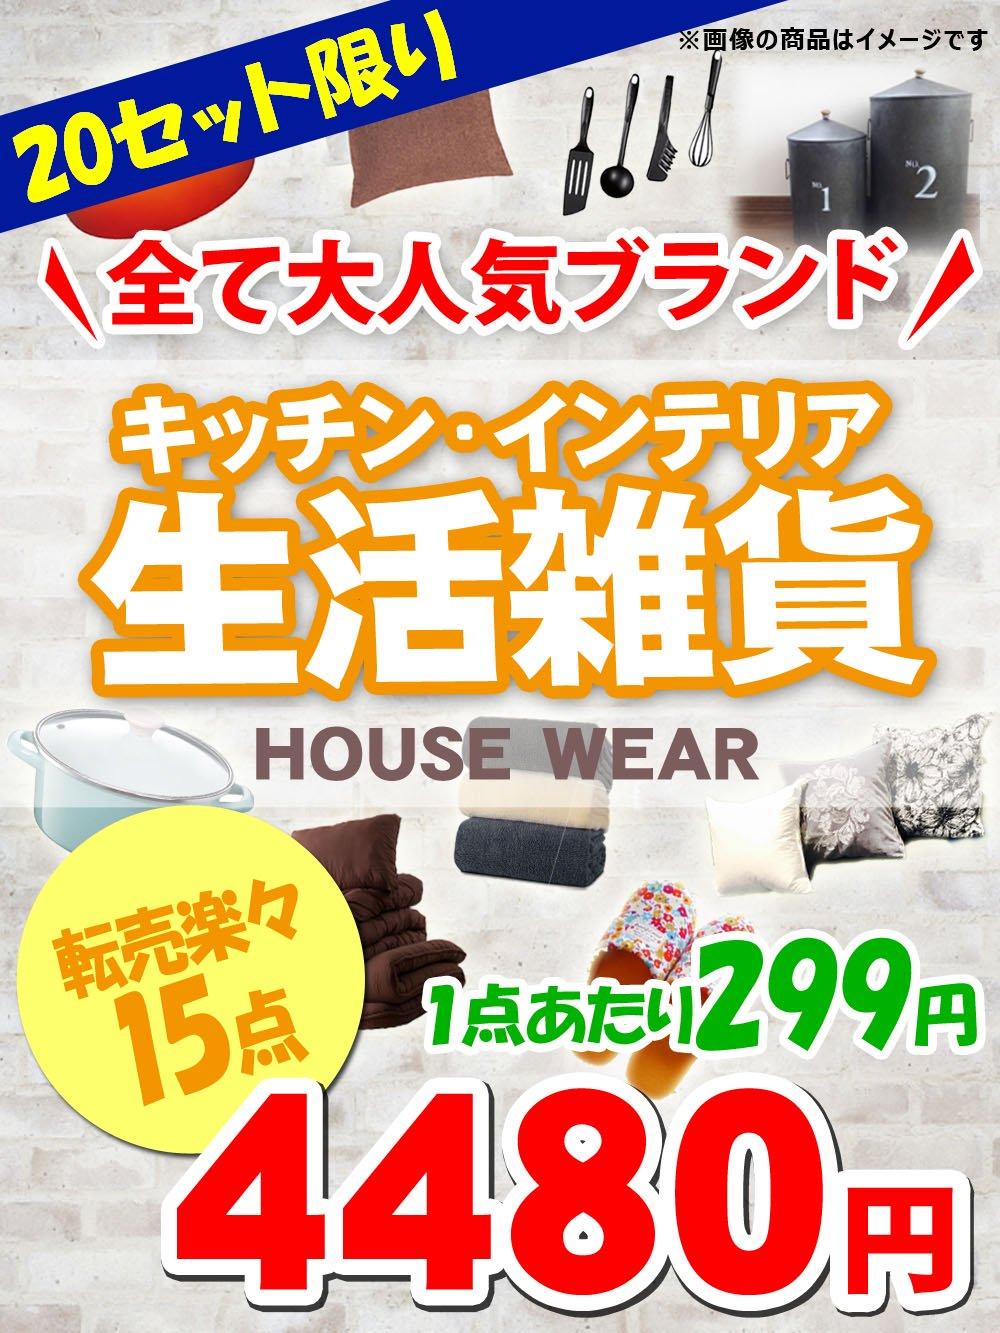 【20セット再入荷】全て大人気ブランド!キッチン・インテリア・生活雑貨セット【15点】@299